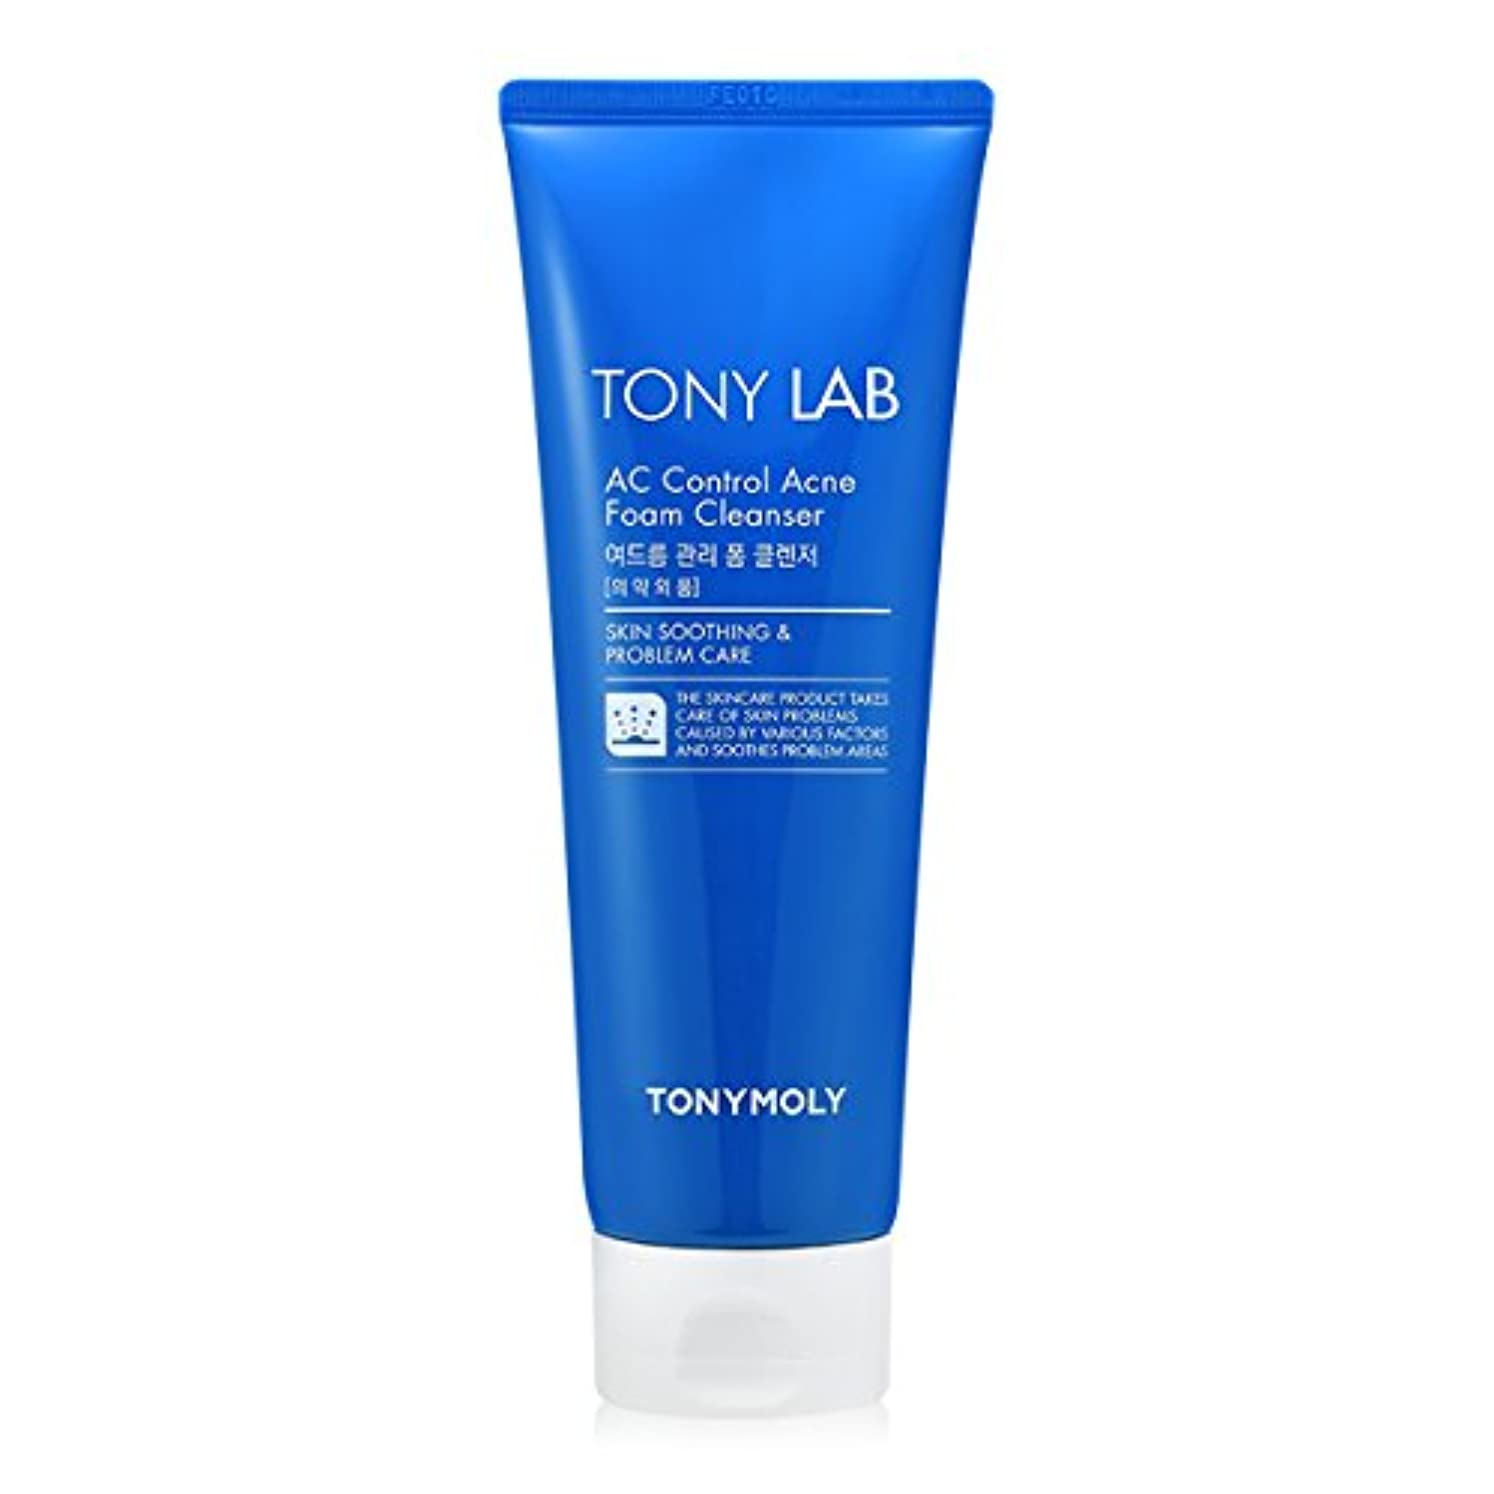 範囲勉強する記録[New] TONYMOLY Tony Lab AC Control Acne Foam Cleanser 150ml/トニーモリー トニー ラボ AC コントロール アクネ フォーム クレンザー 150ml